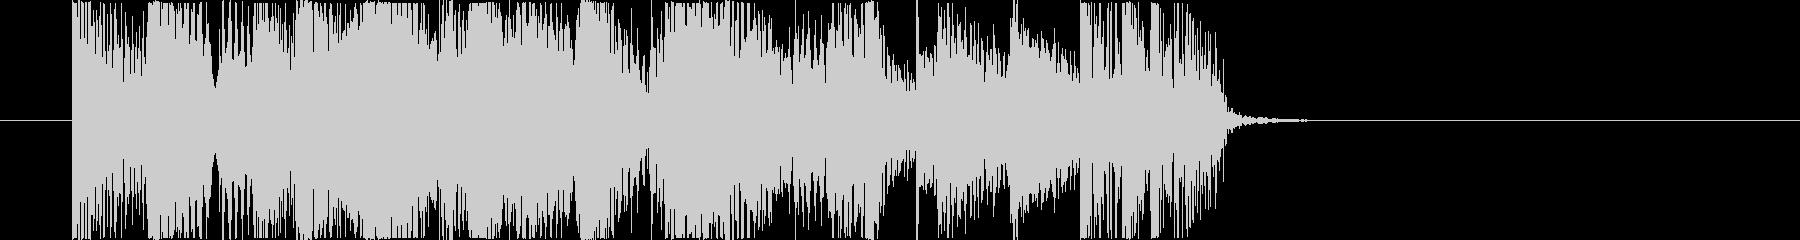 スイングの効いたジャズピアノジングルの未再生の波形